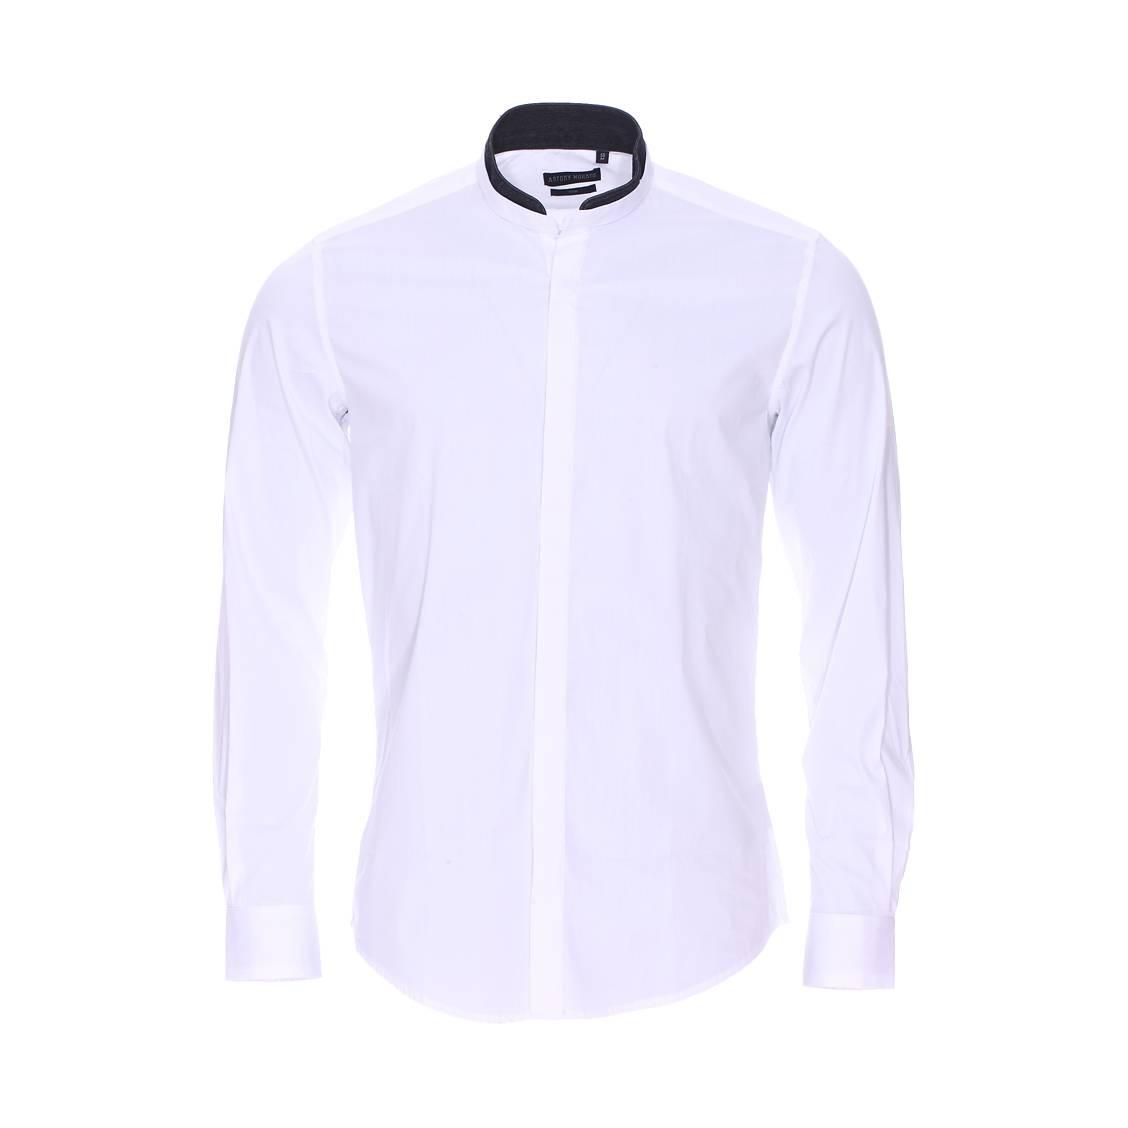 Chemise cintrée  en coton stretch blanc à double col mao : 1 col blanc et 1 col en jean noir amovible